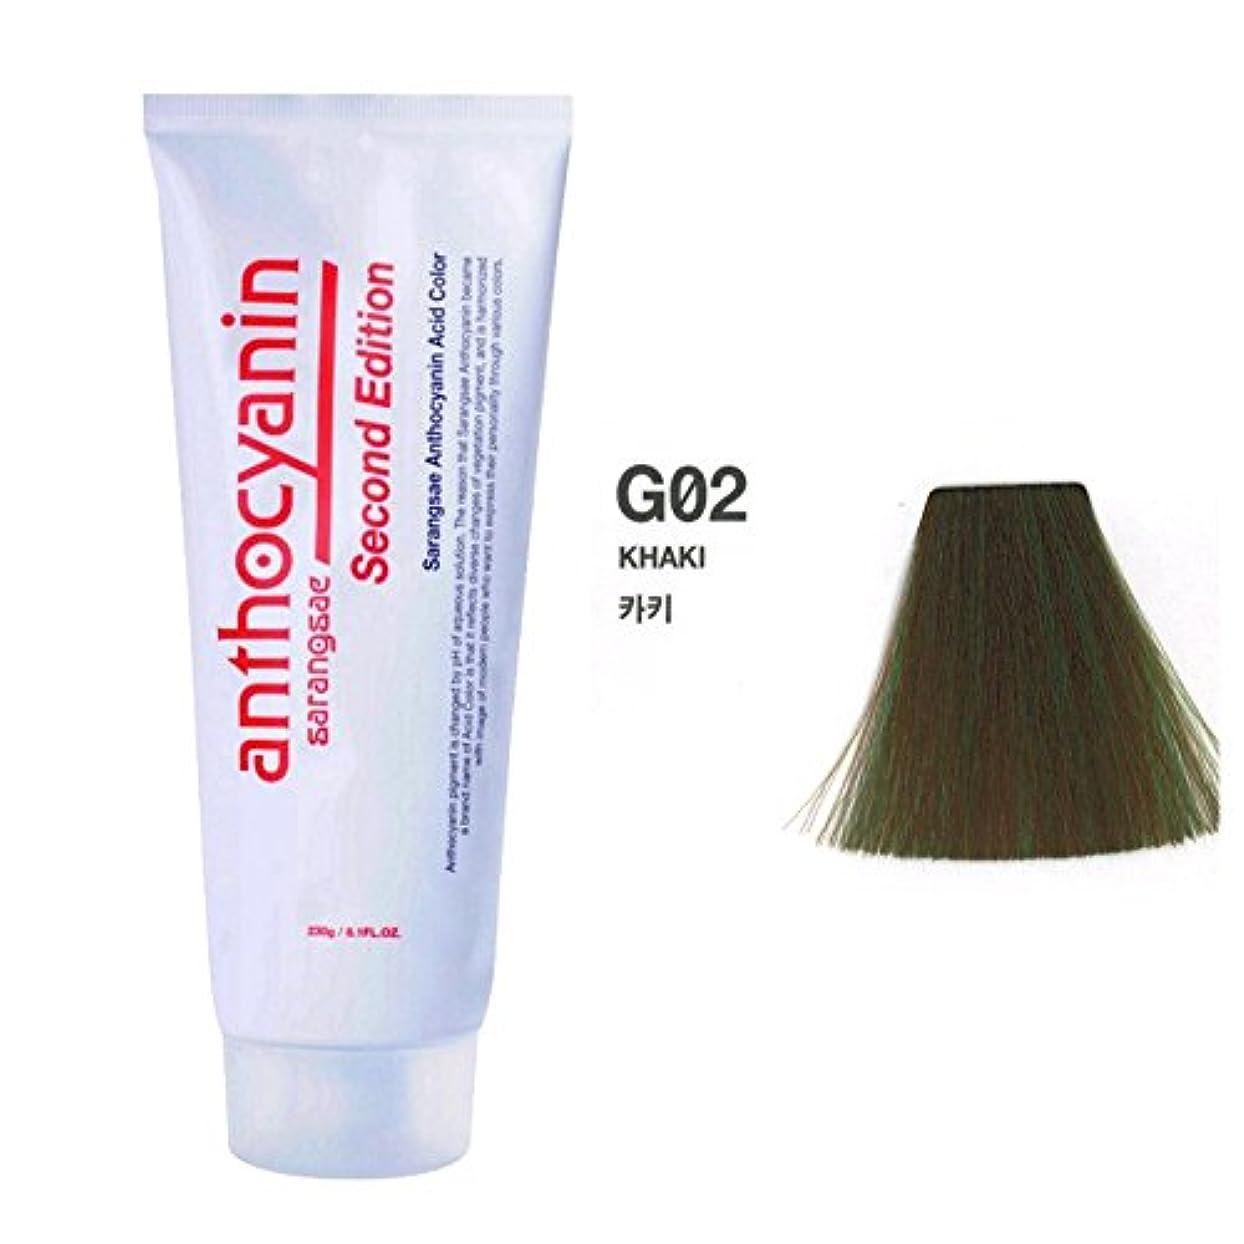 工業化するペインギリックいつでもヘア マニキュア カラー セカンド エディション 230g セミ パーマネント 染毛剤 (Hair Manicure Color Second Edition 230g Semi Permanent Hair Dye) [並行輸入品] (G02 Khaki)